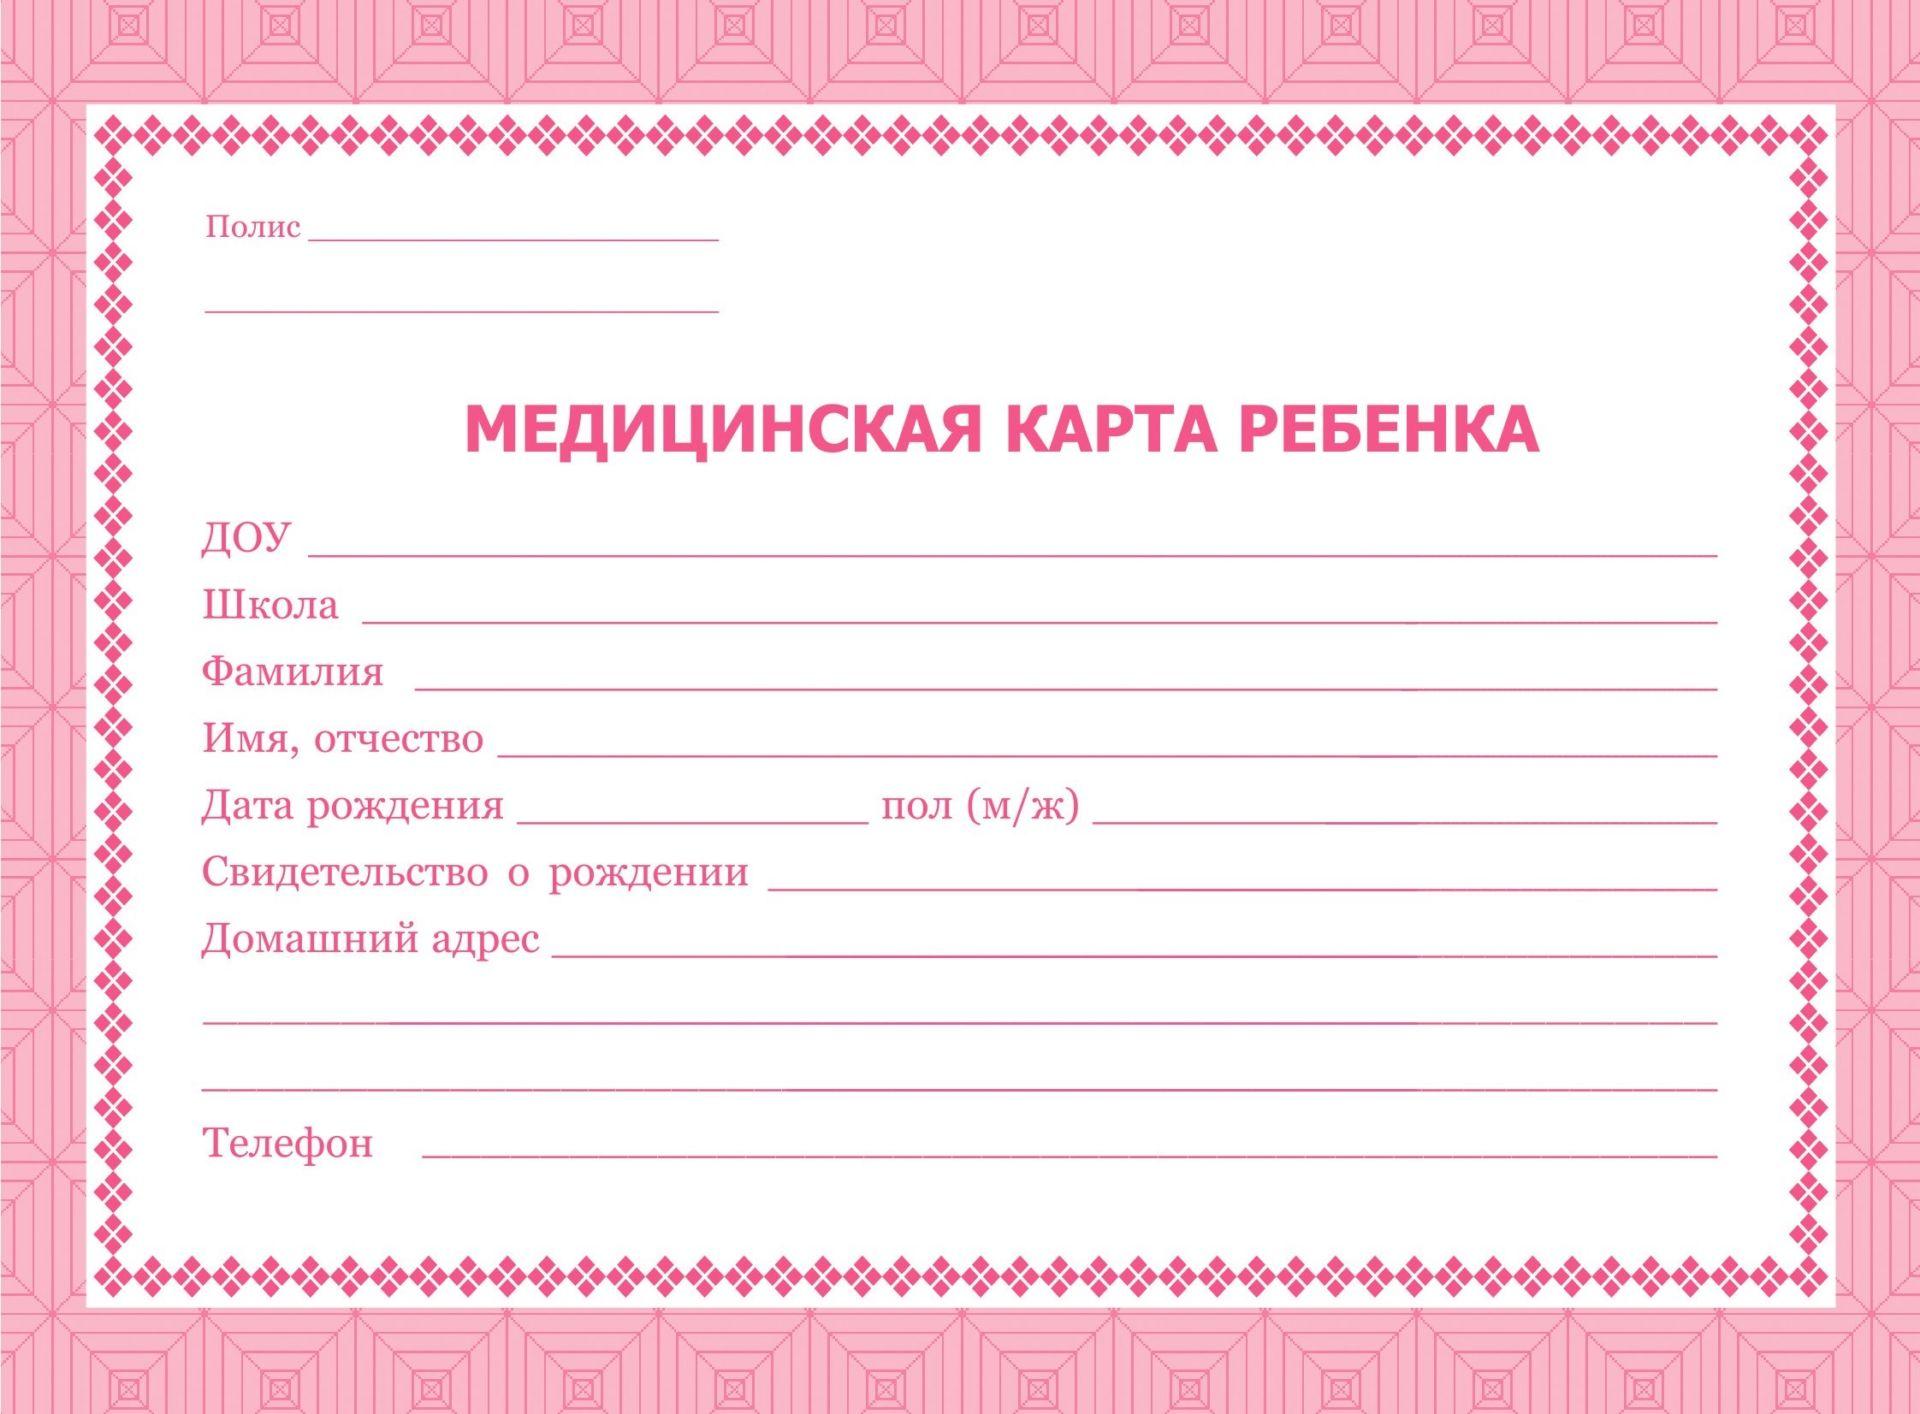 Медицинская карта ребёнка: цвет красныйМедицинские карты и журналы здоровья<br>Материалы:на блок - бумага офсетная, пл. 65.00;на обложку - бумага офсетная, пл. 120.00.<br><br>Год: 2017<br>Высота: 140<br>Ширина: 195<br>Толщина: 3<br>Переплёт: мягкая, скрепка